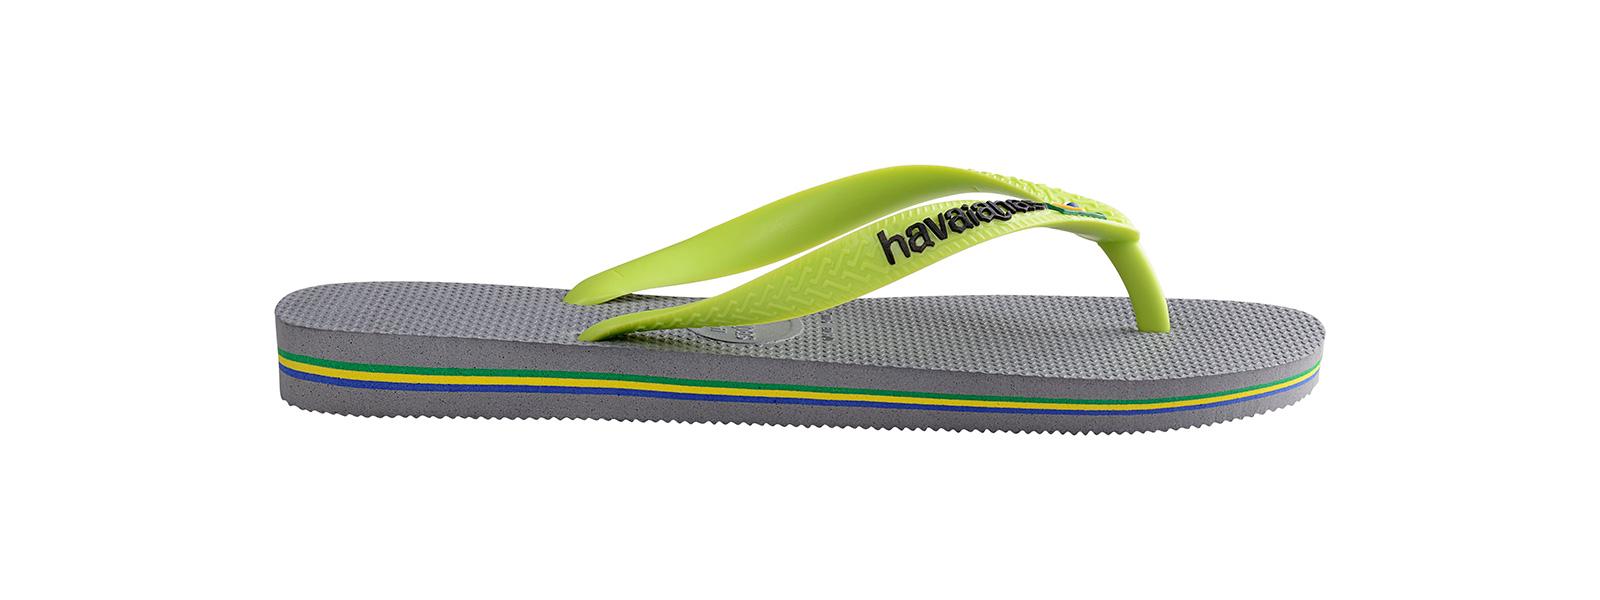 Zweifarbige Zehentrenner, Grau Und Grün, Mit Dem Logo Von Havaianas ...